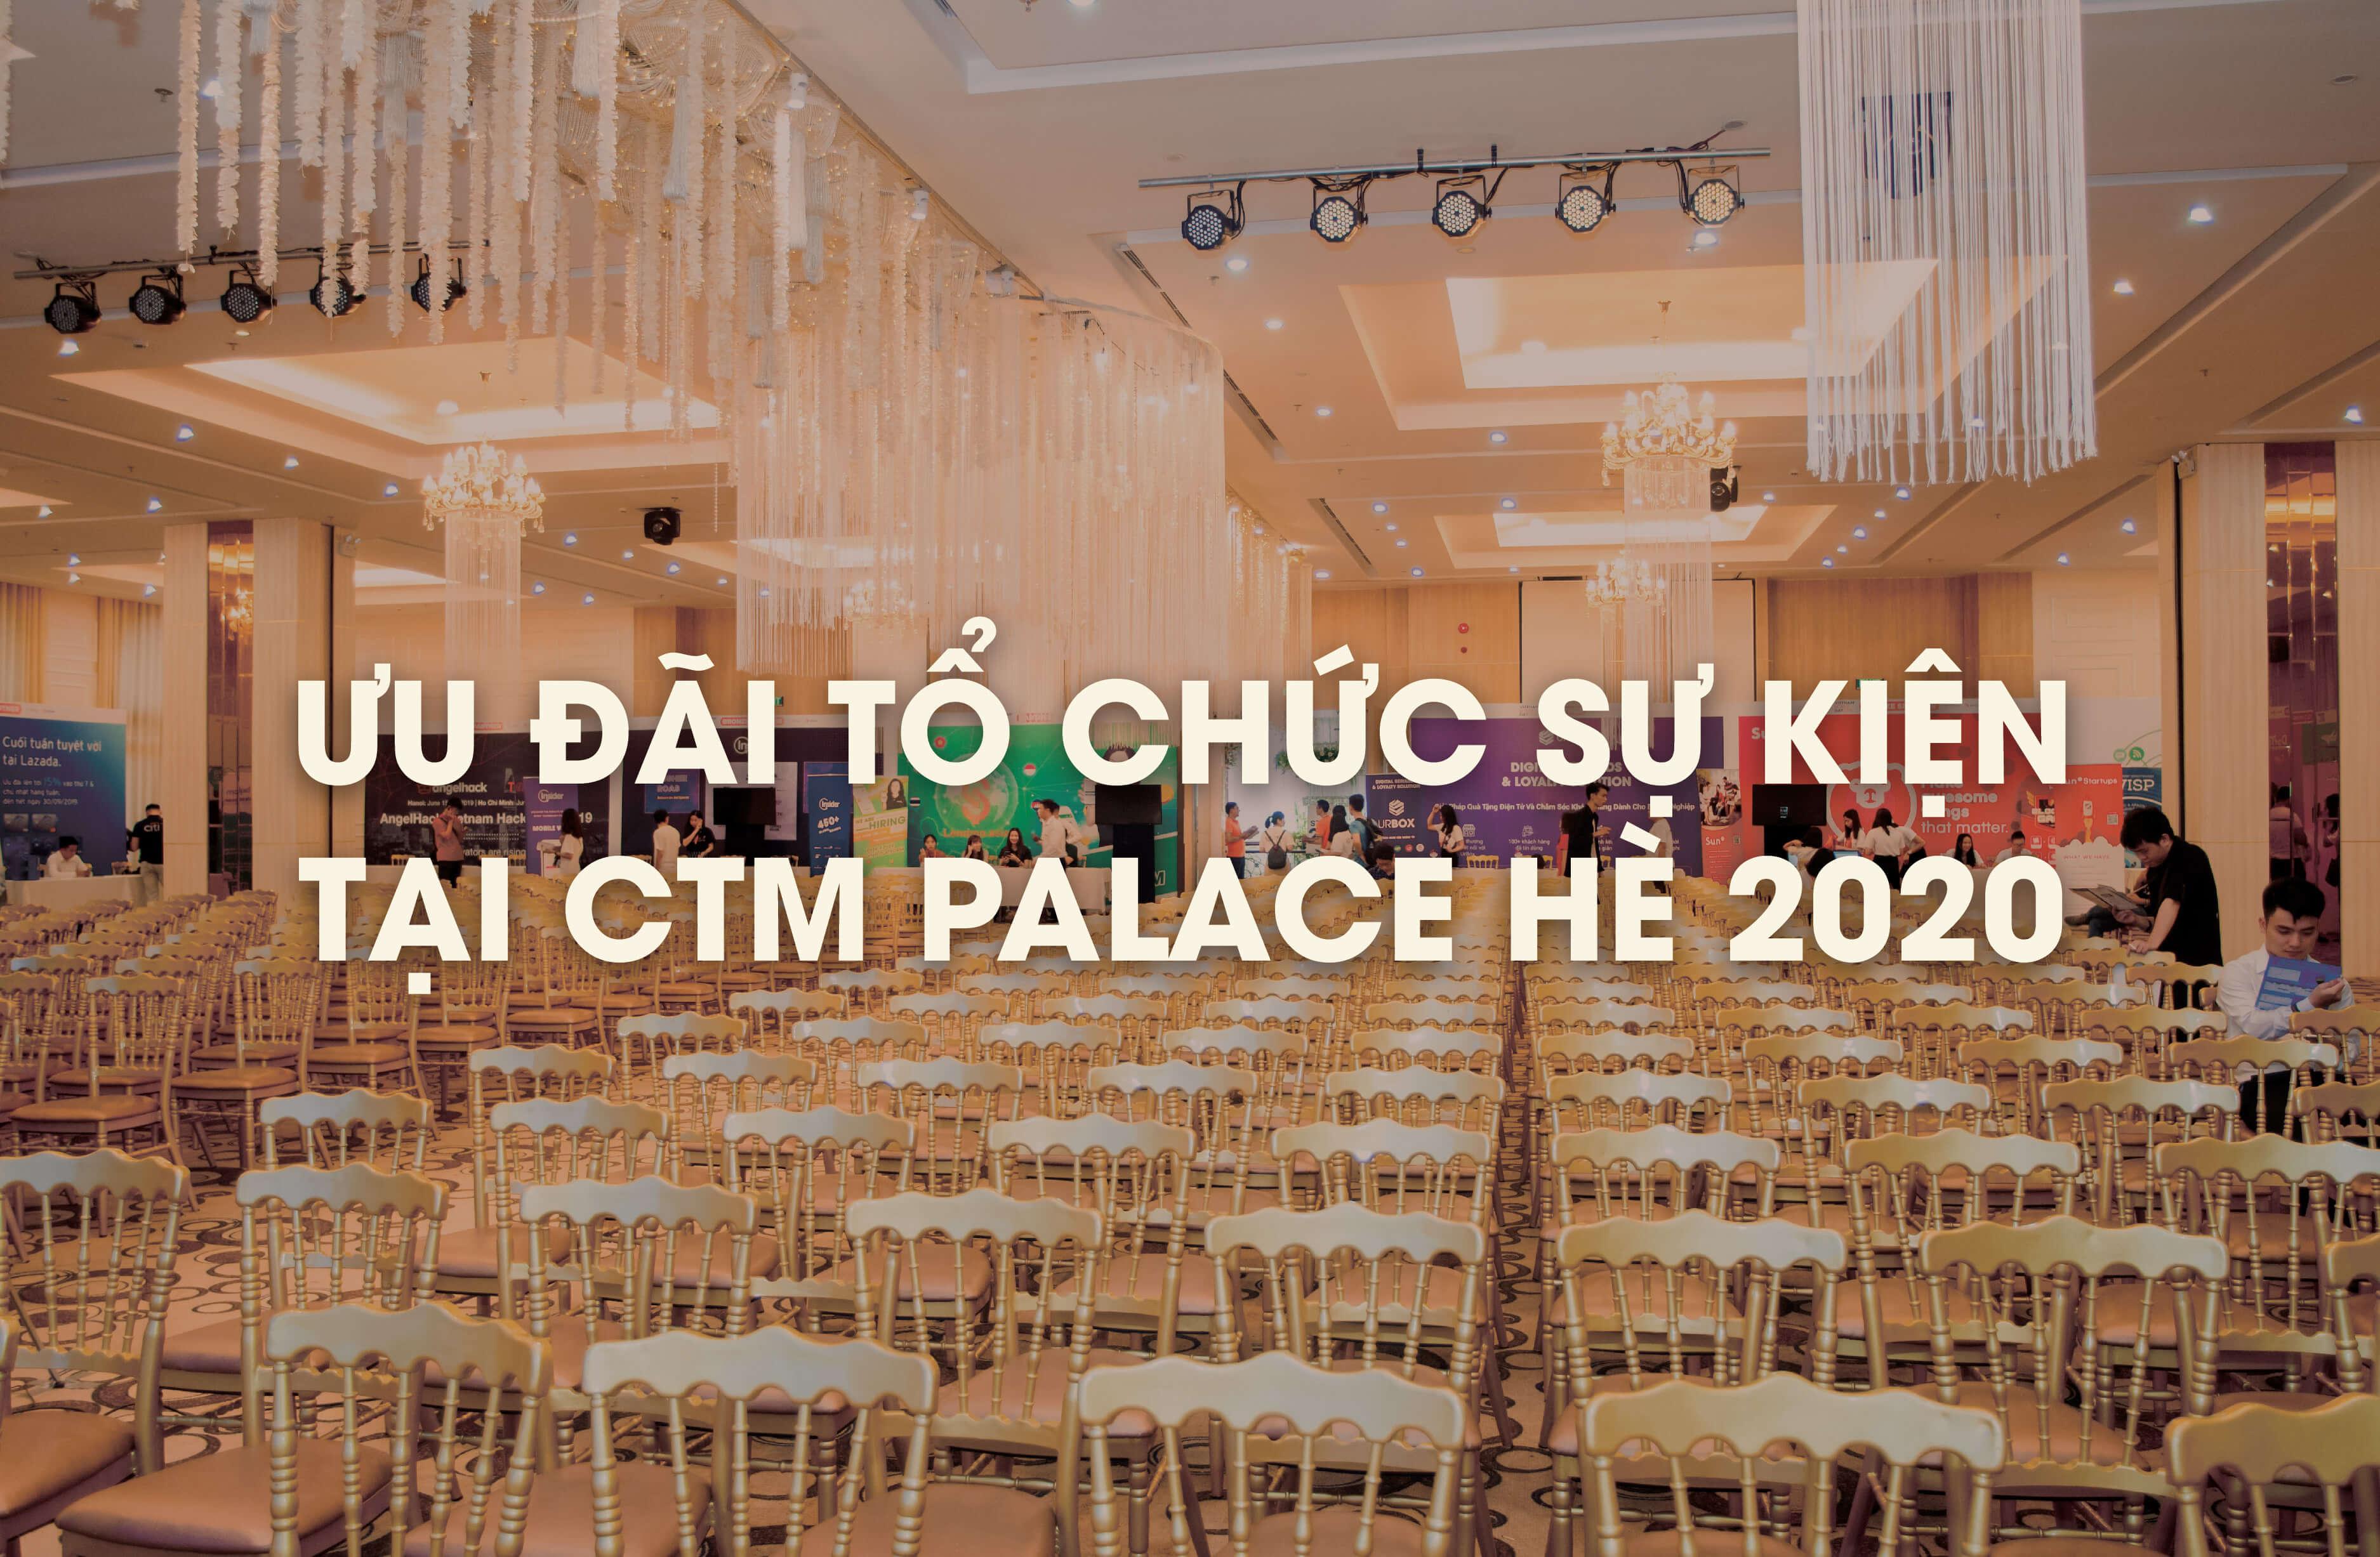 Gói ưu đãi tổ chức sự kiện tại CTM Palace hè 2020